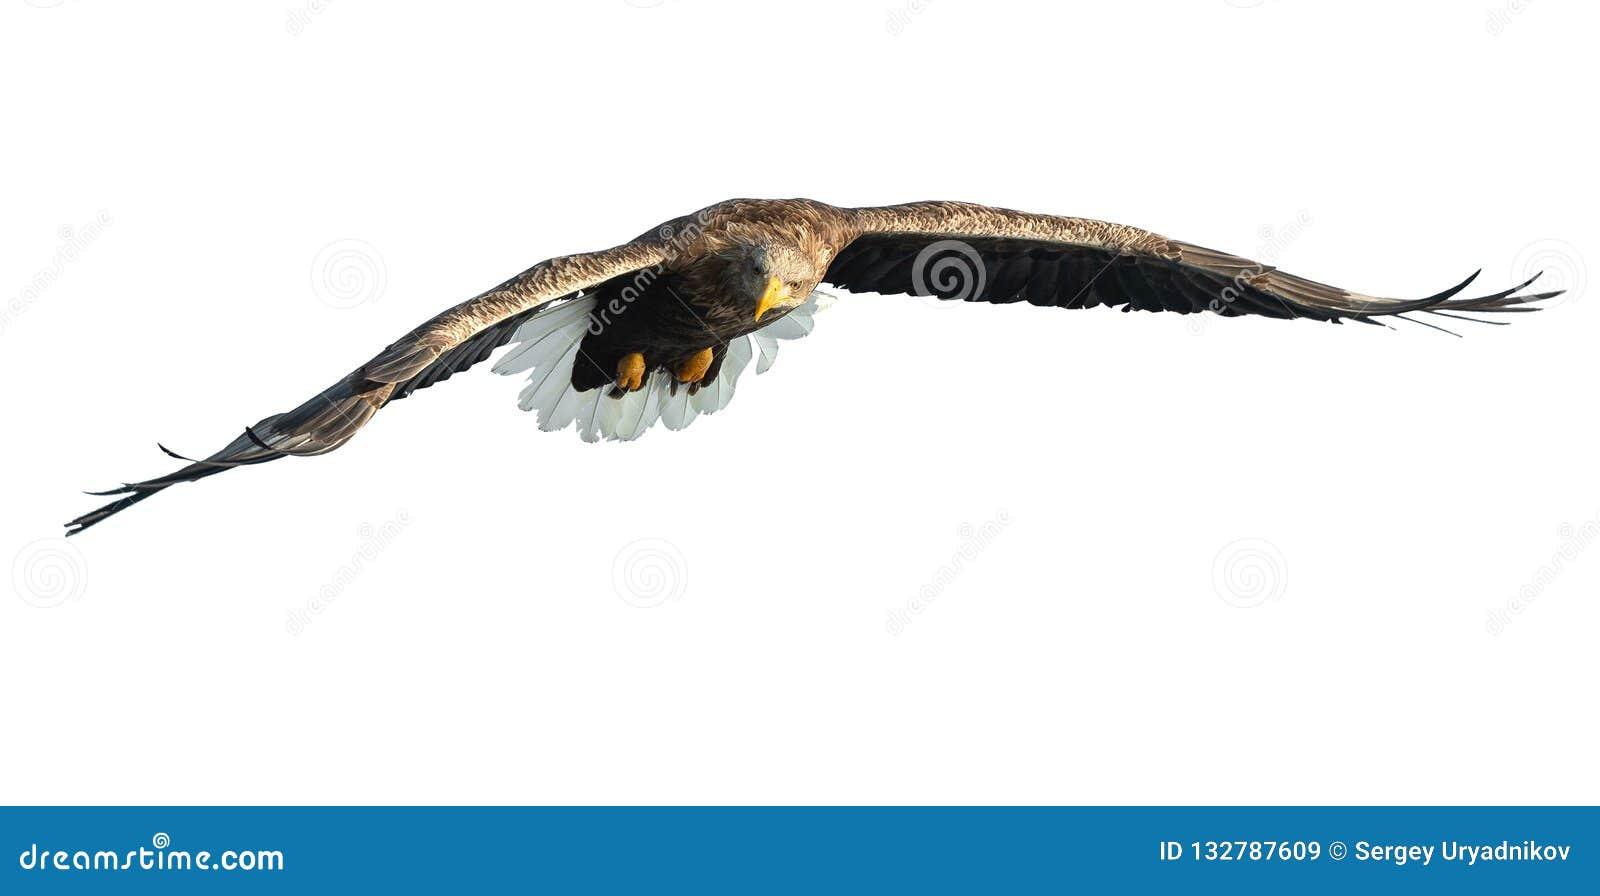 Erwachsener Seeadler im Flug Getrennt auf weißem Hintergrund